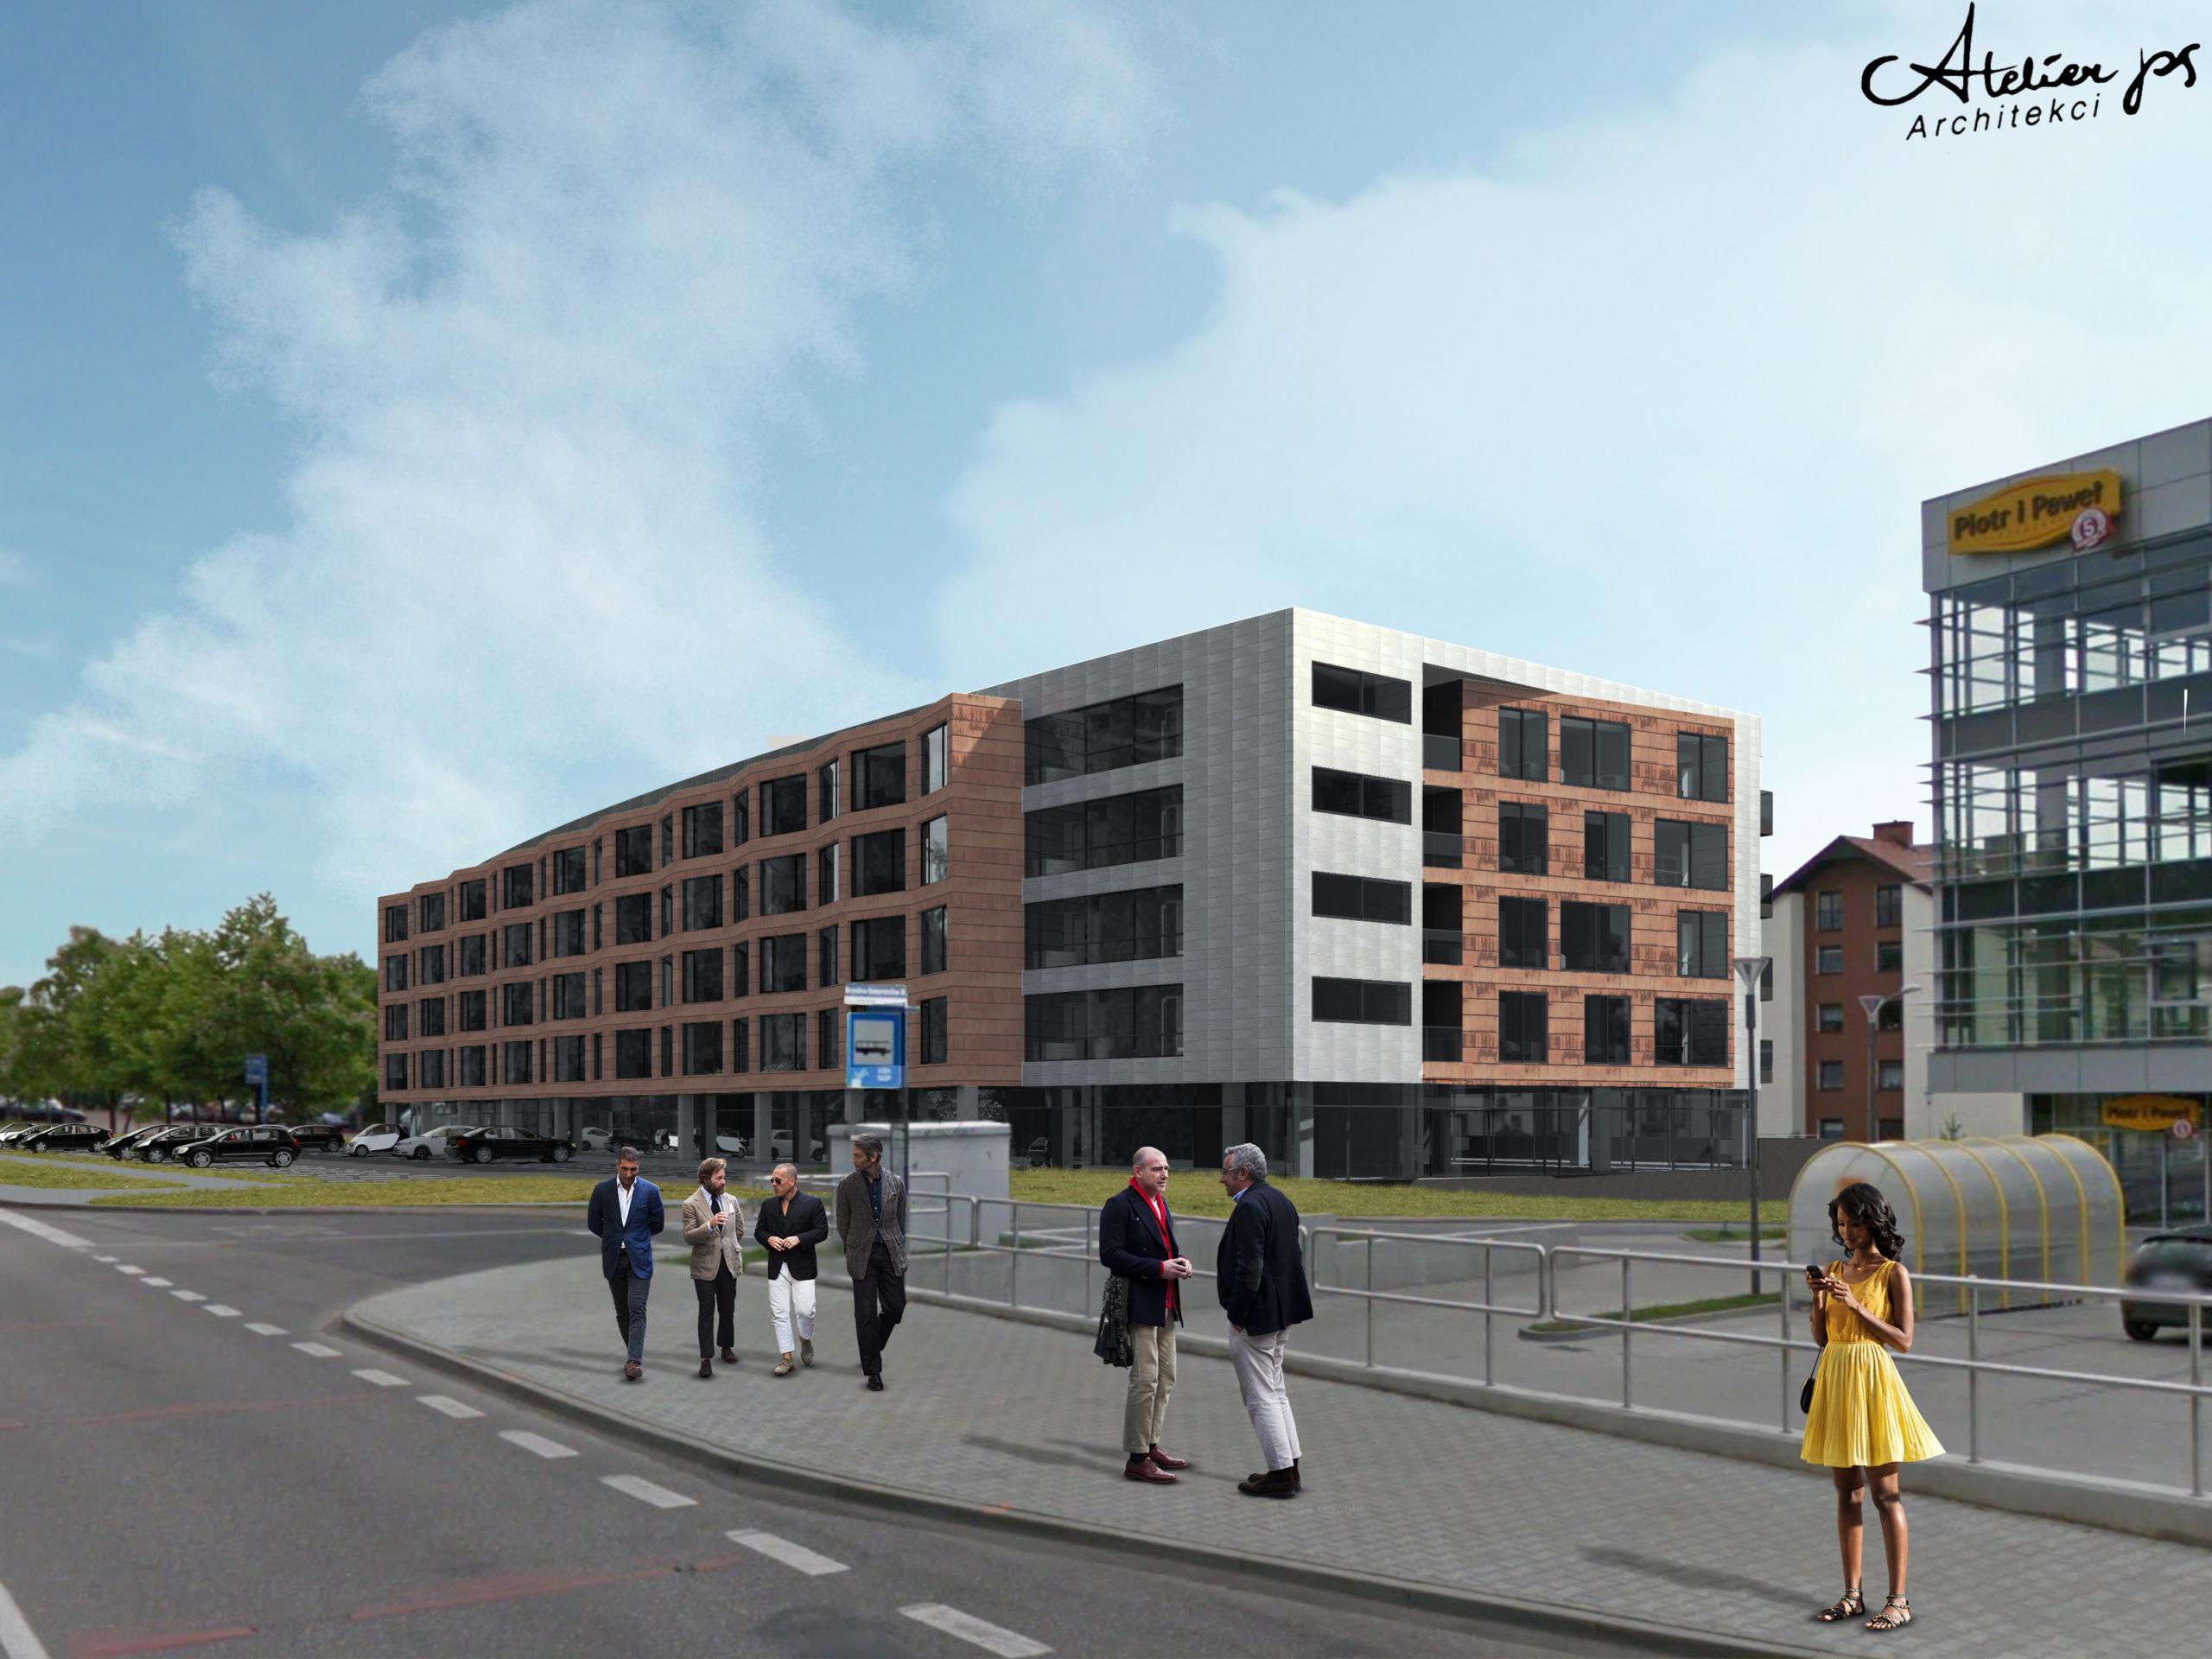 hybryda, budynek mieszkalny, biurowiec, atelierps, projekty